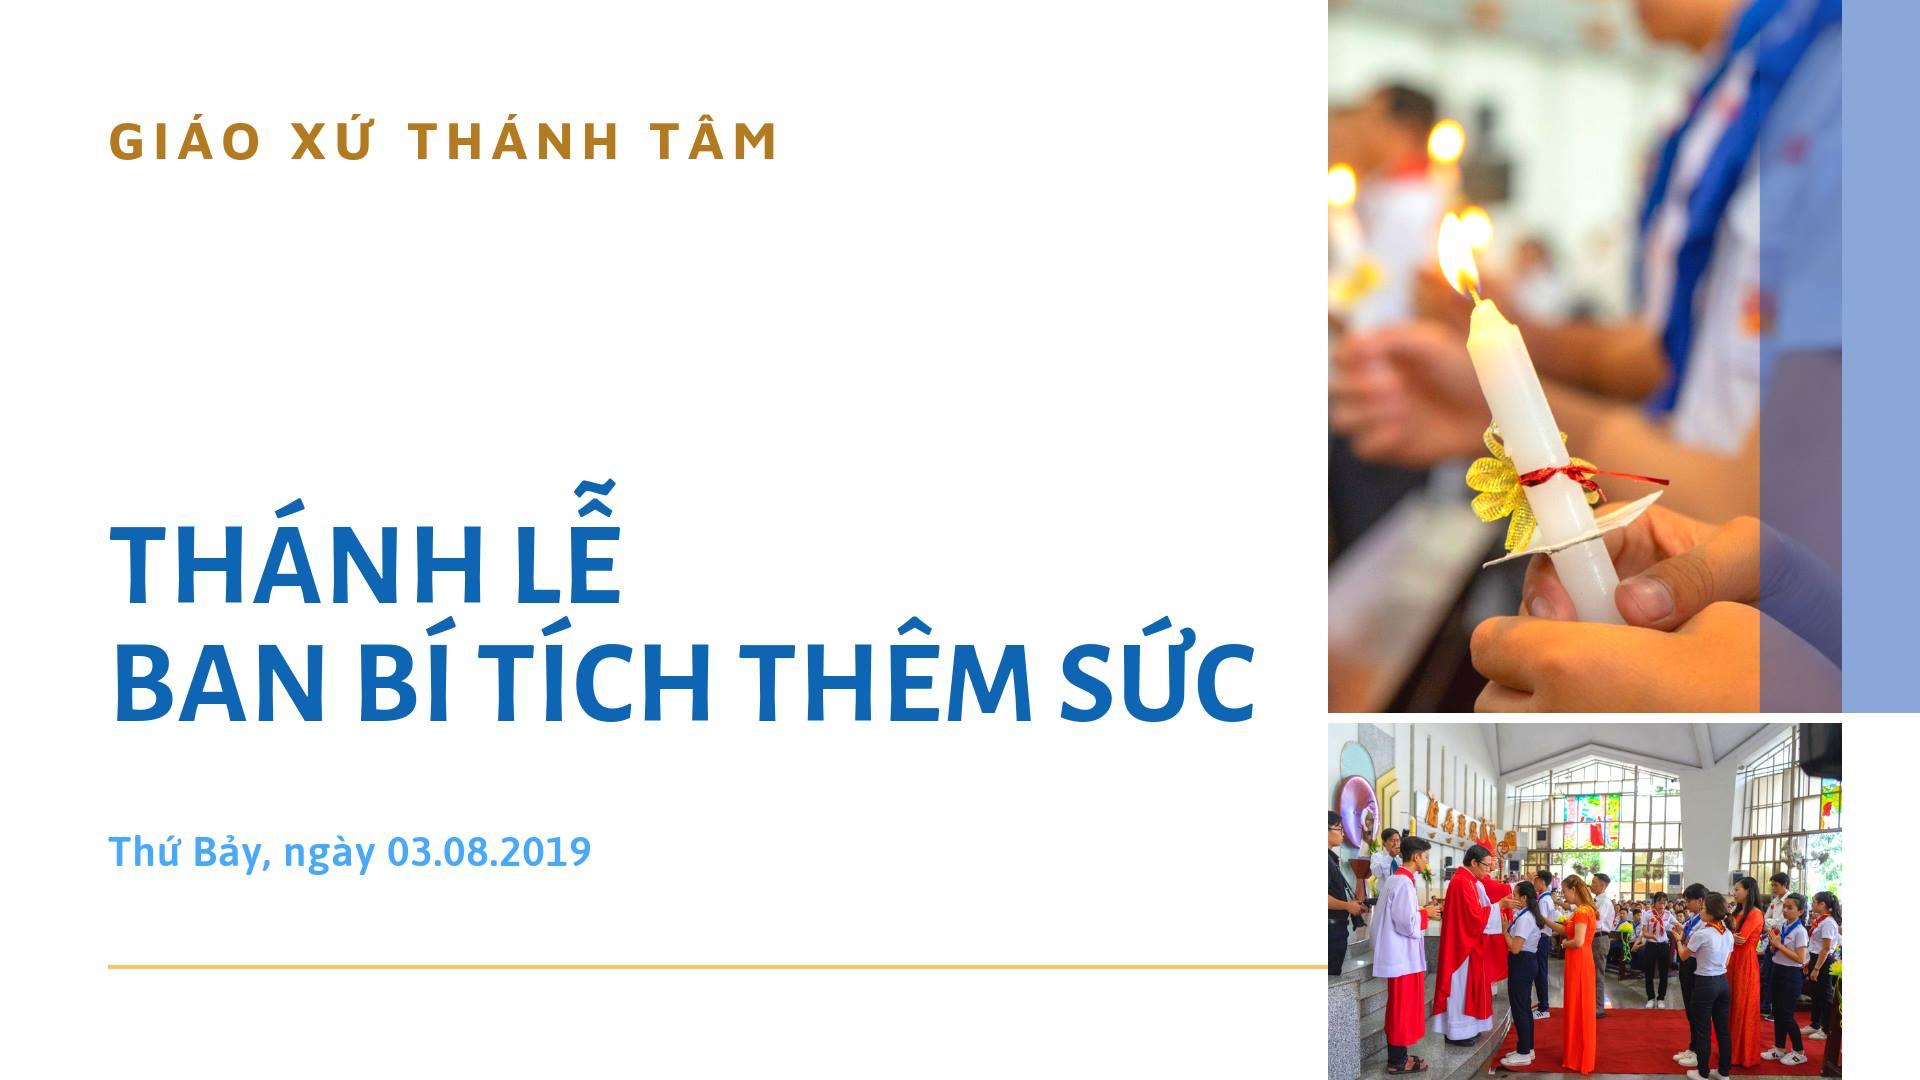 GIÁO XỨ THÁNH TÂM ẢNH LỄ THÊM SỨC 3-8-2019